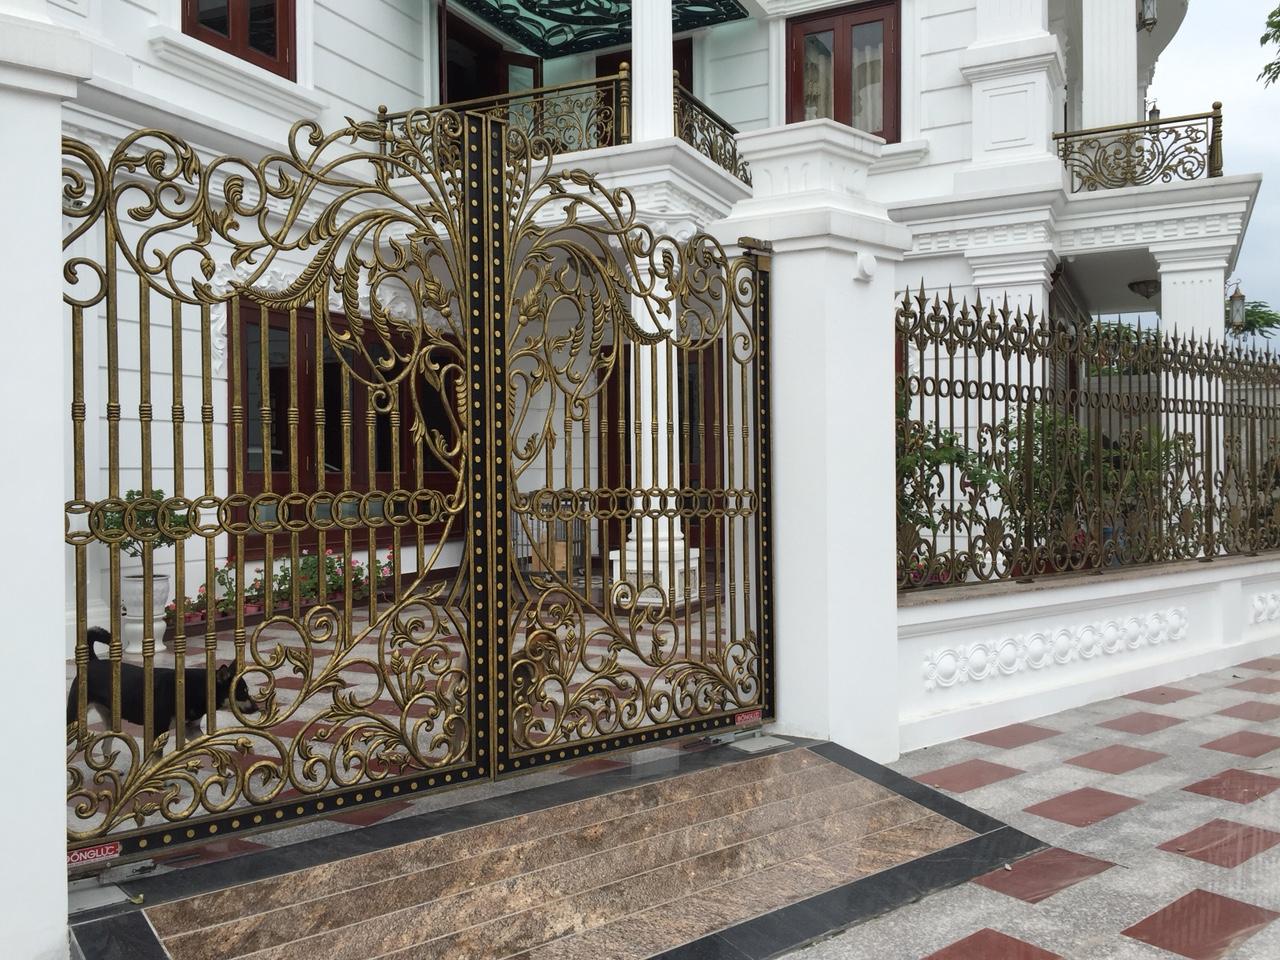 Theo mẹo trang trí biệt thự đẹp, cửa đóng vai trò vô cùng quan trọng, ảnh hưởng trực tiếp đến khí tài của gia chủ